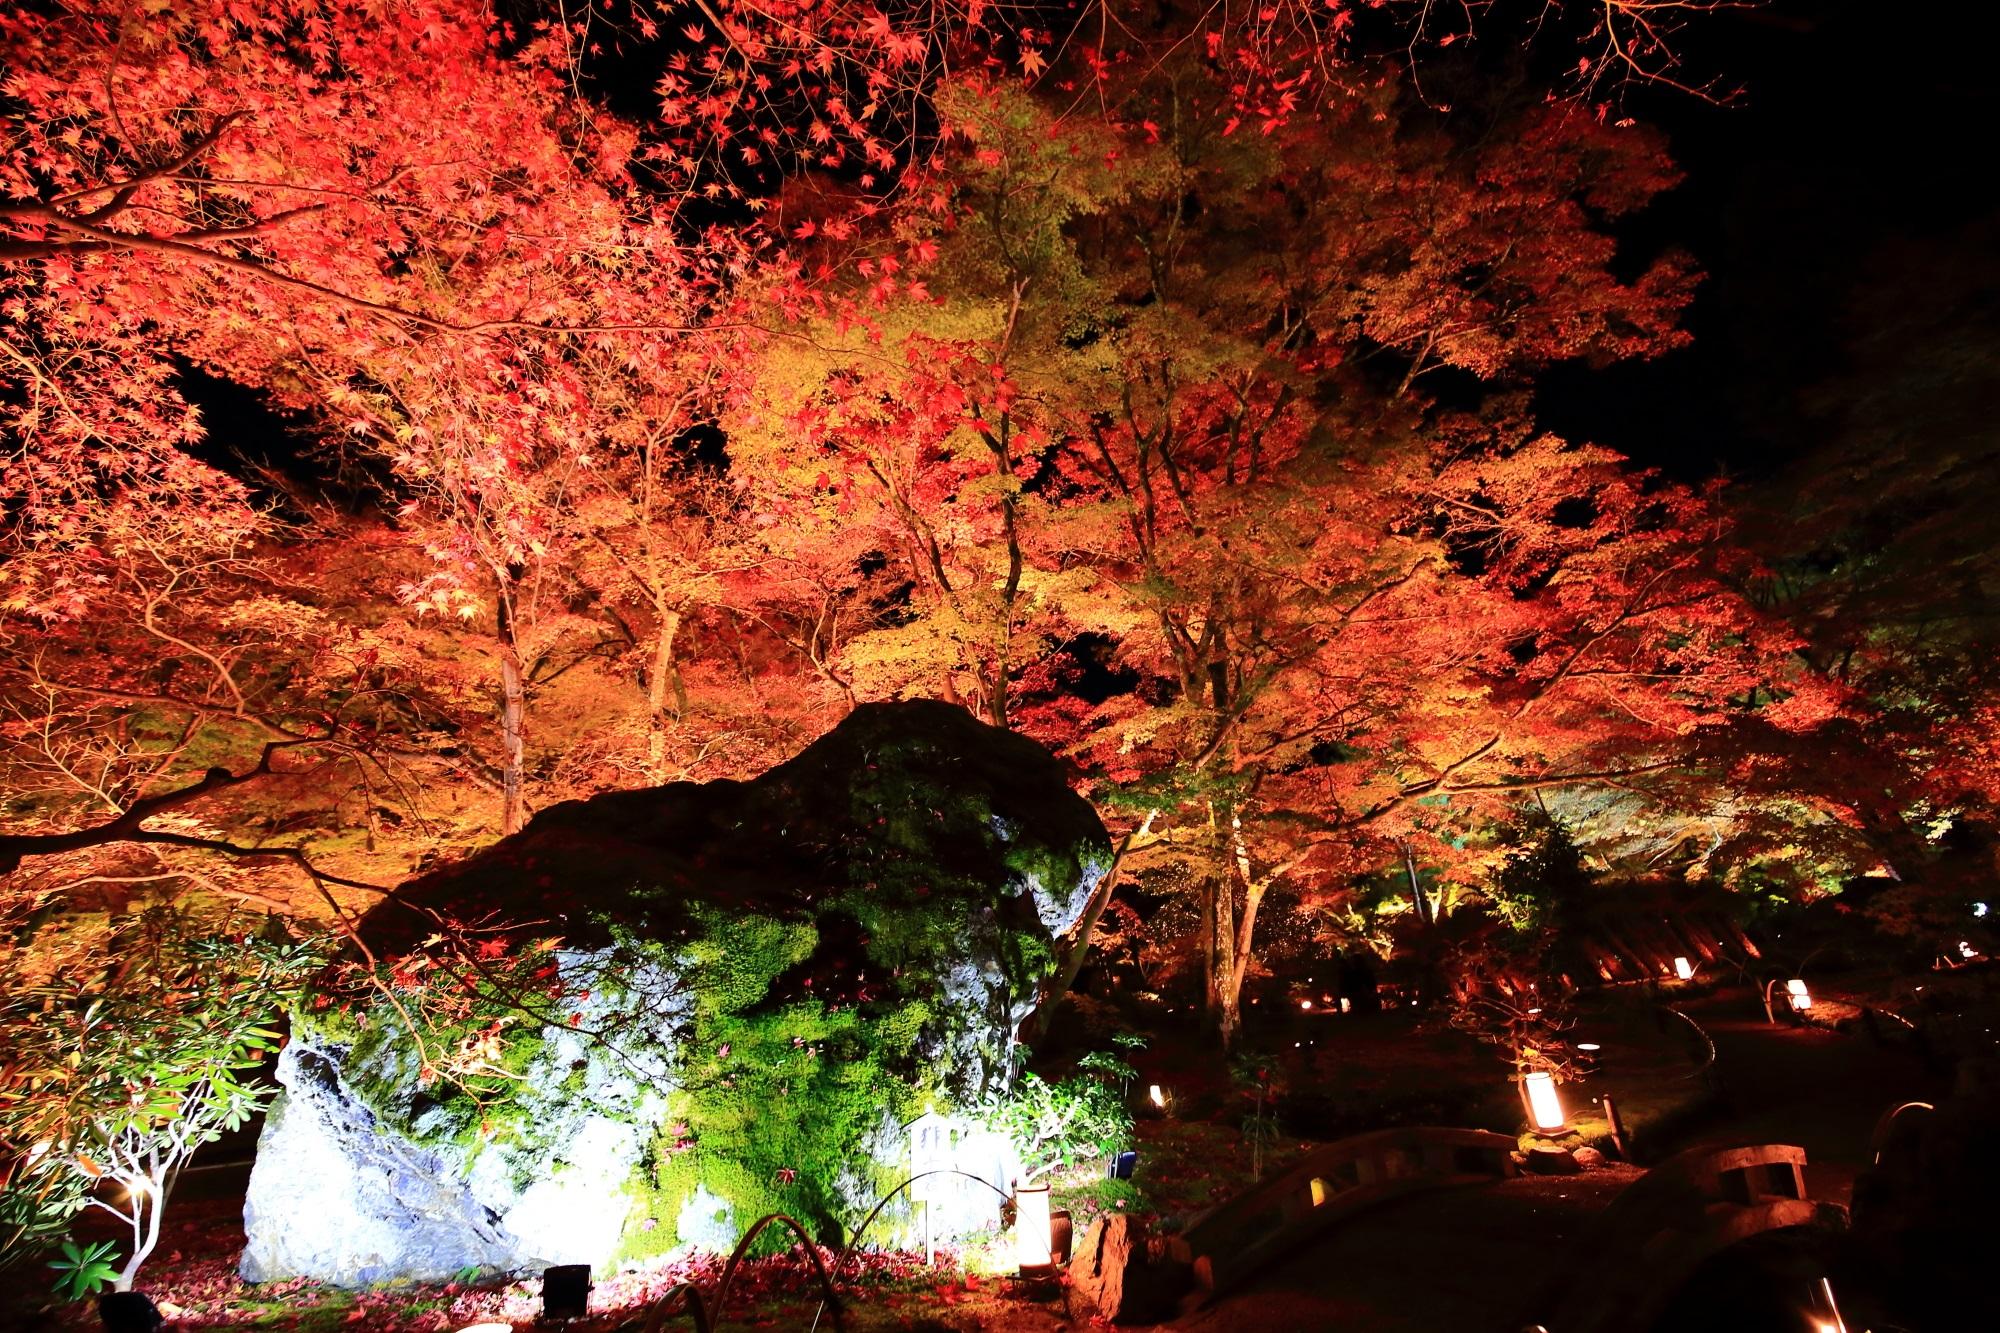 紅葉の名所の宝厳院の獅子岩と鮮やかな紅葉ライトアップ